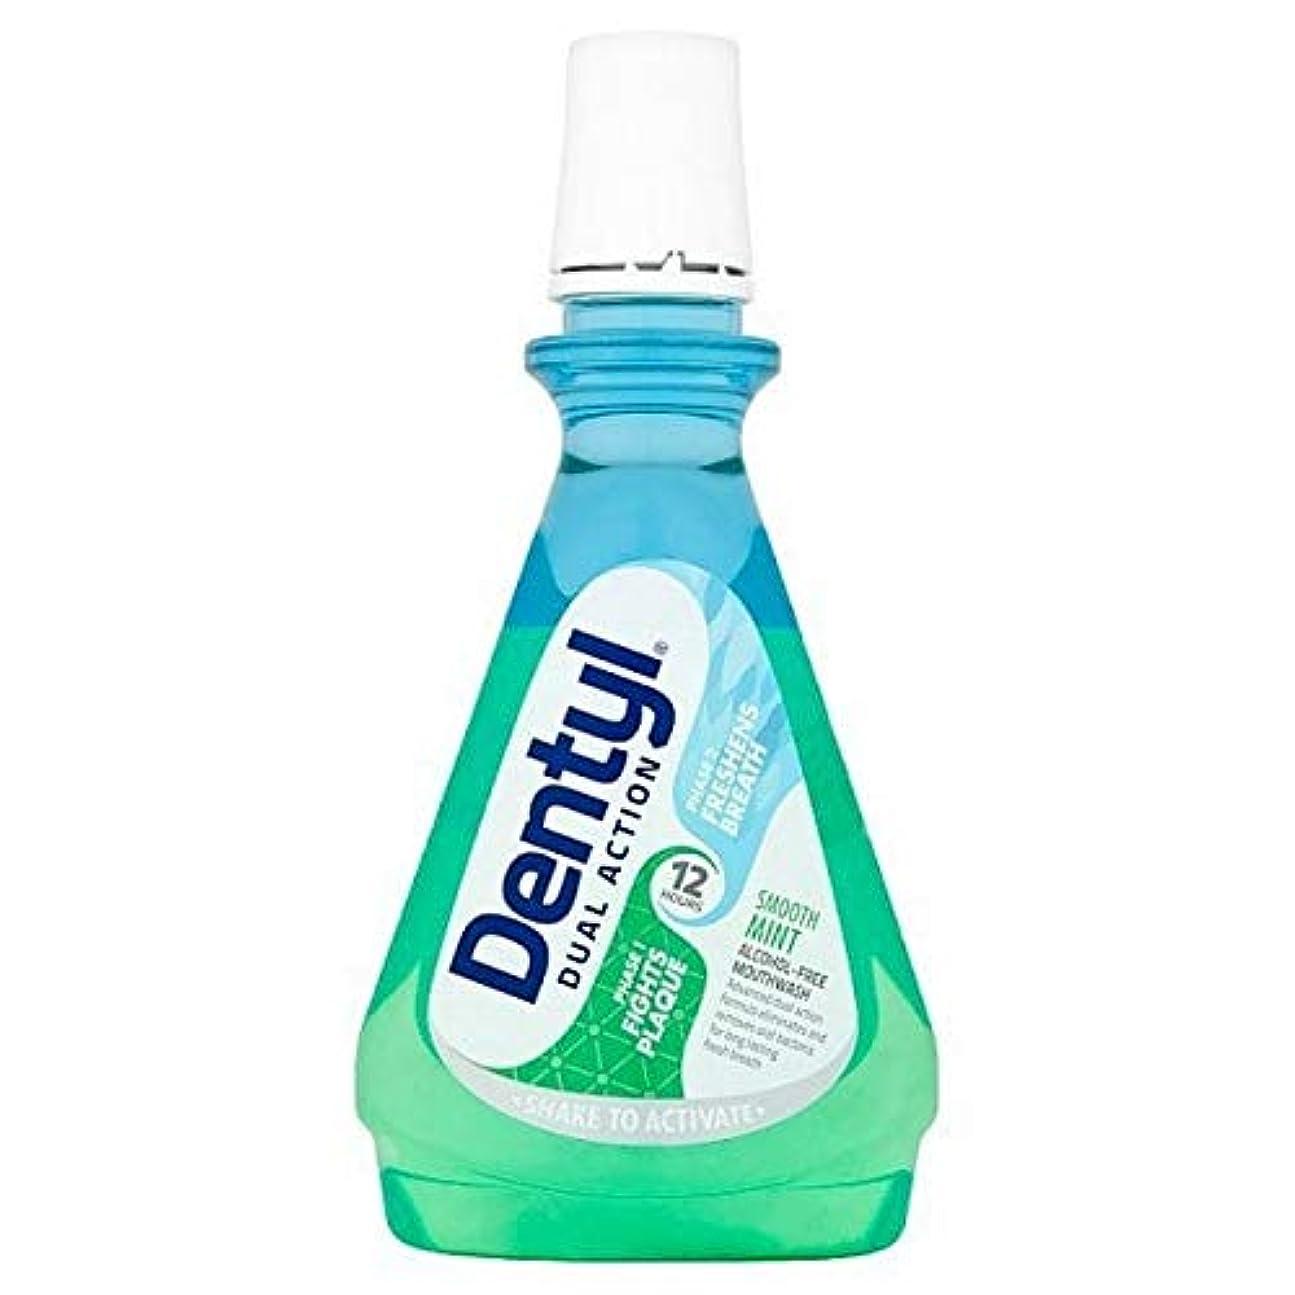 観察する悪質な特許[Dentyl] DentylのPhはミントアルコールフリーのミントマウスウォッシュ500ミリリットル - Dentyl PH Mint Alcohol Free Mint Mouthwash 500ml [並行輸入品]